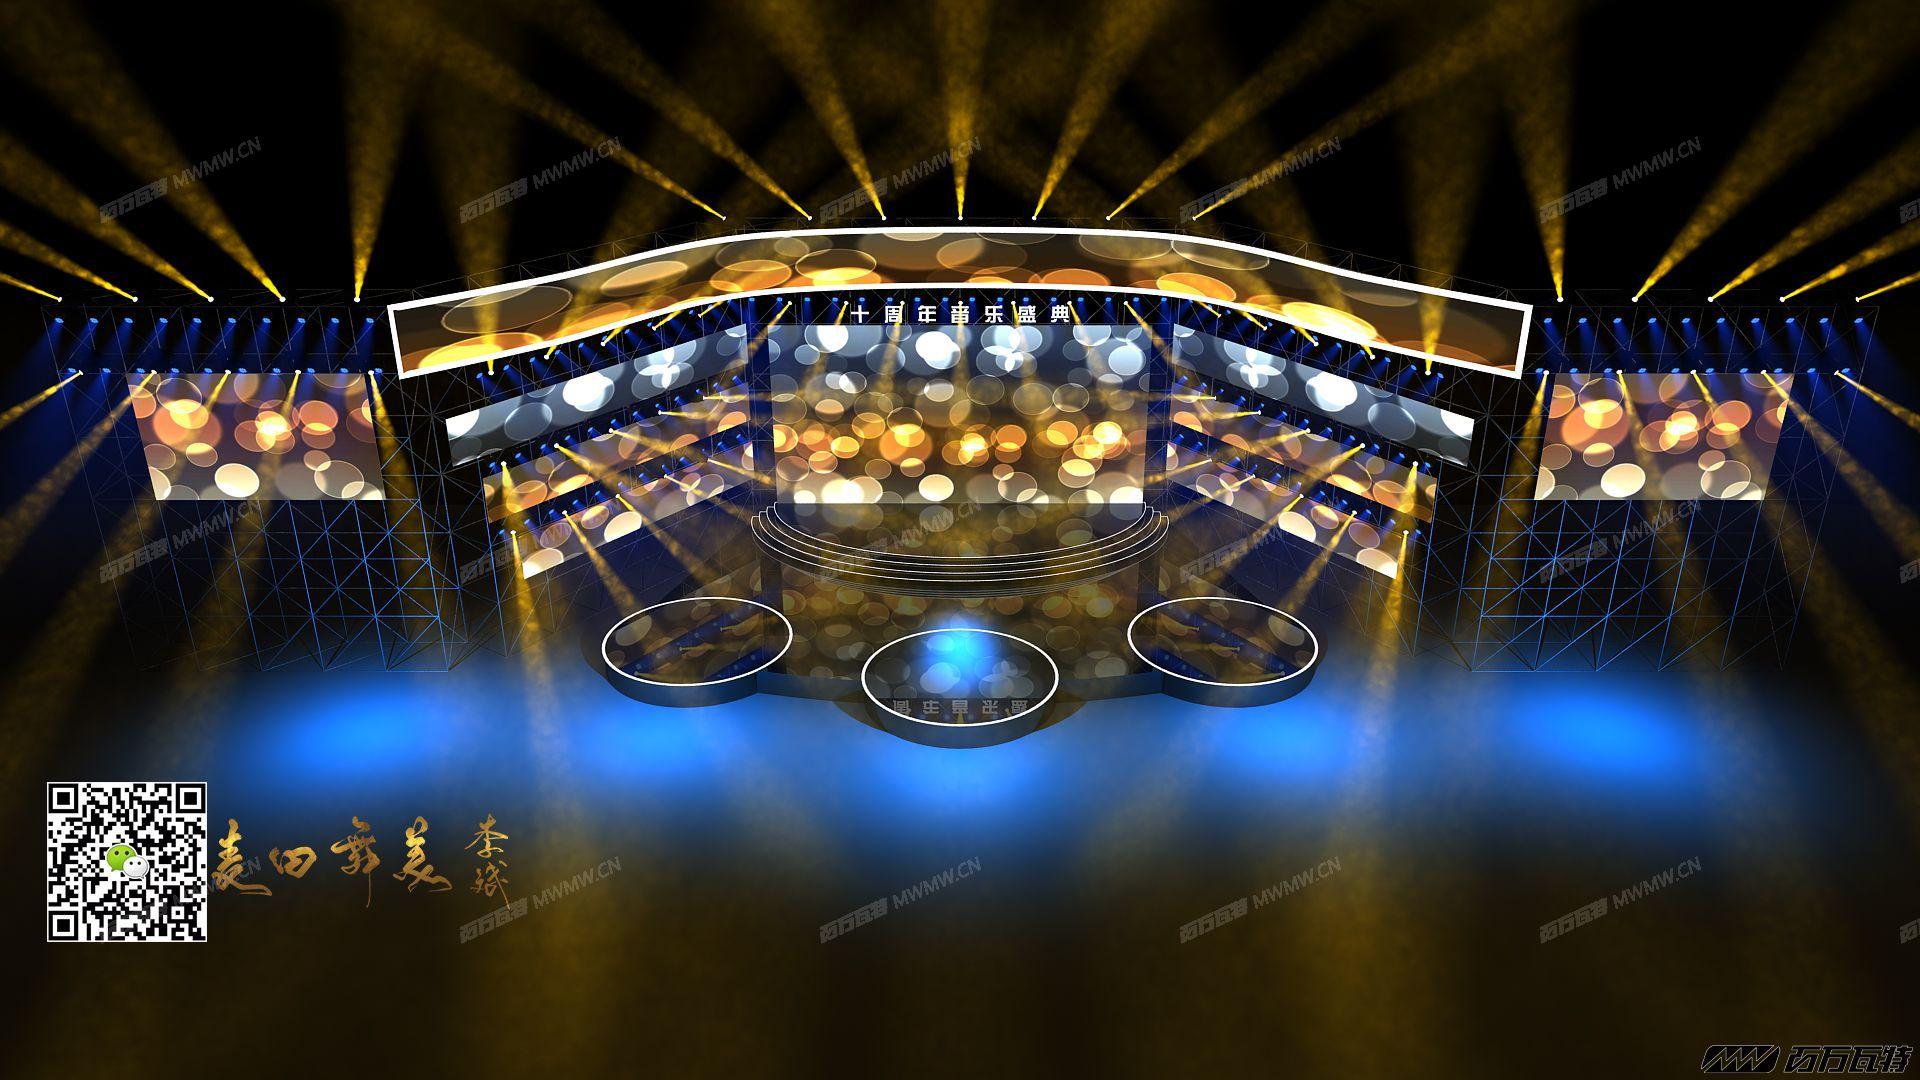 周年庆舞美设计 周年庆舞台设计 舞美效果图 舞台效果图 舞美设计图 舞台设计图 演唱会舞台设计 演唱会舞美 ...